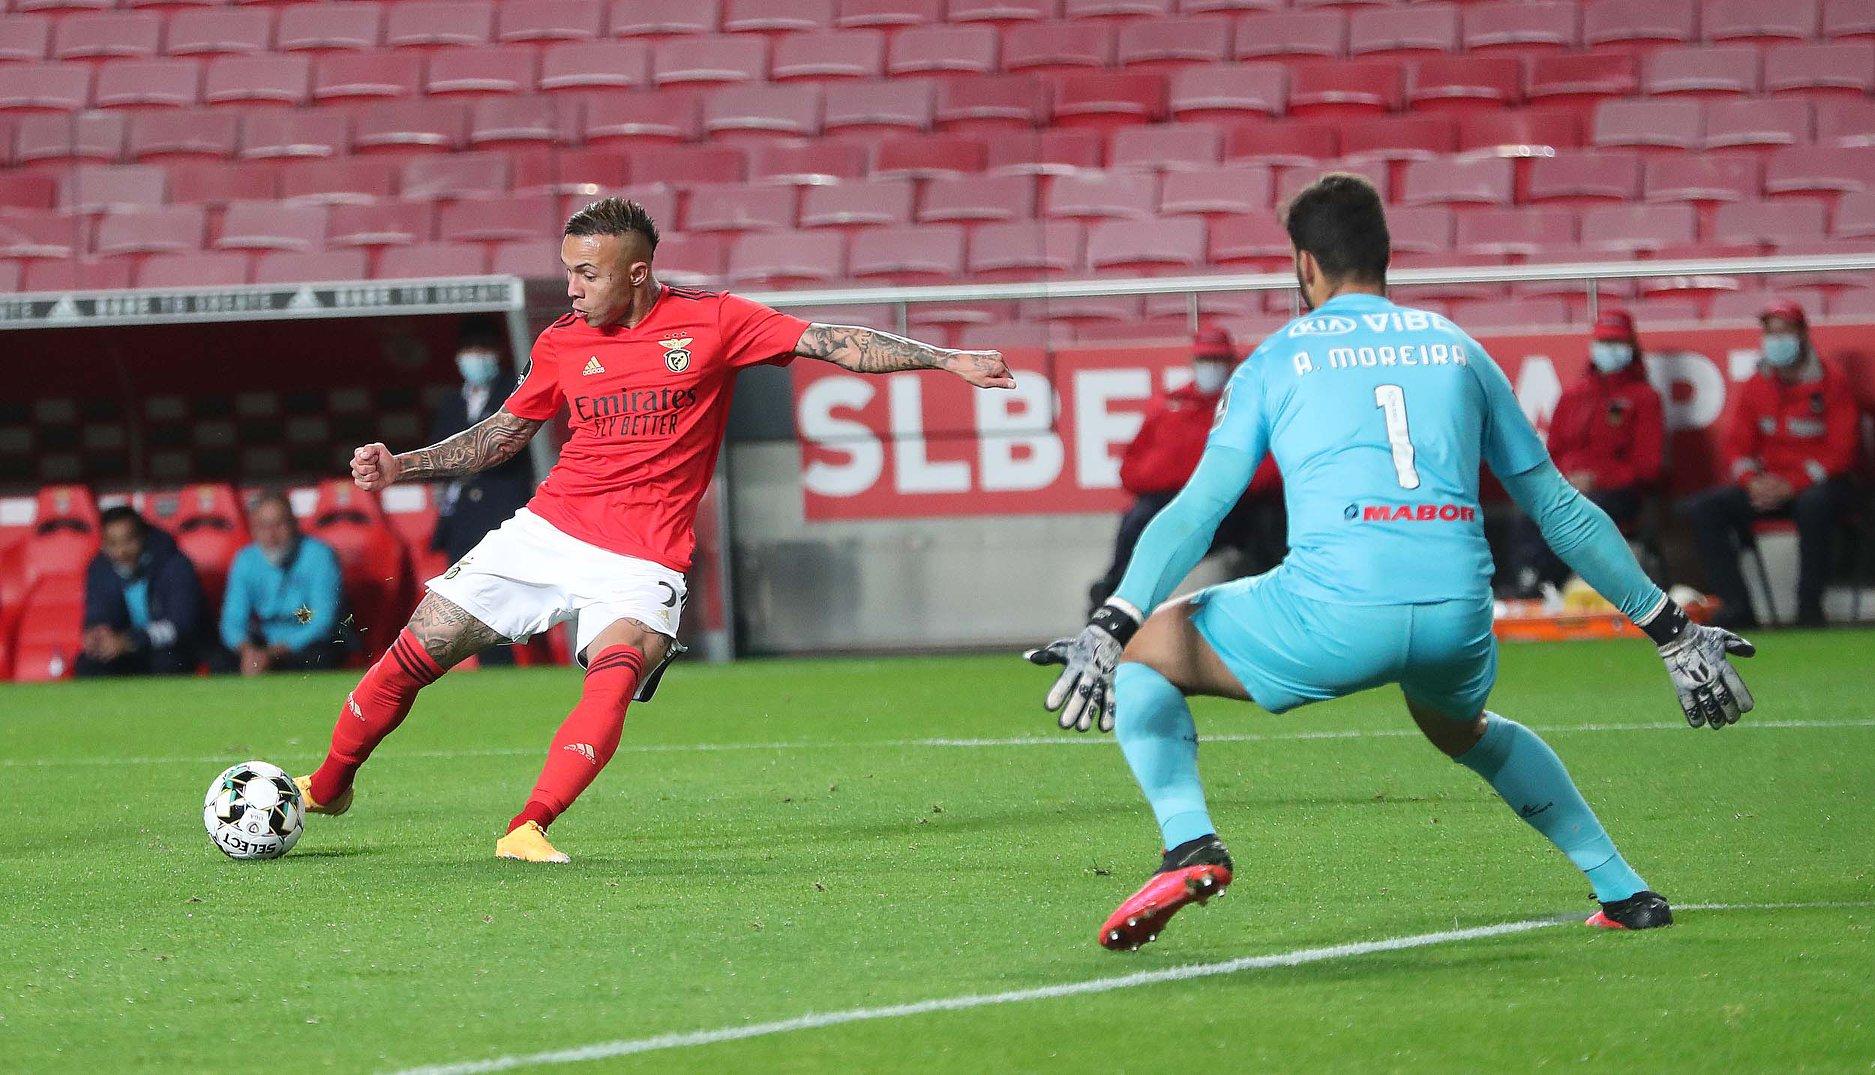 Soi kèo Benfica vs Standard Liege, 03h00 ngày 30/10, Cúp C2 châu Âu